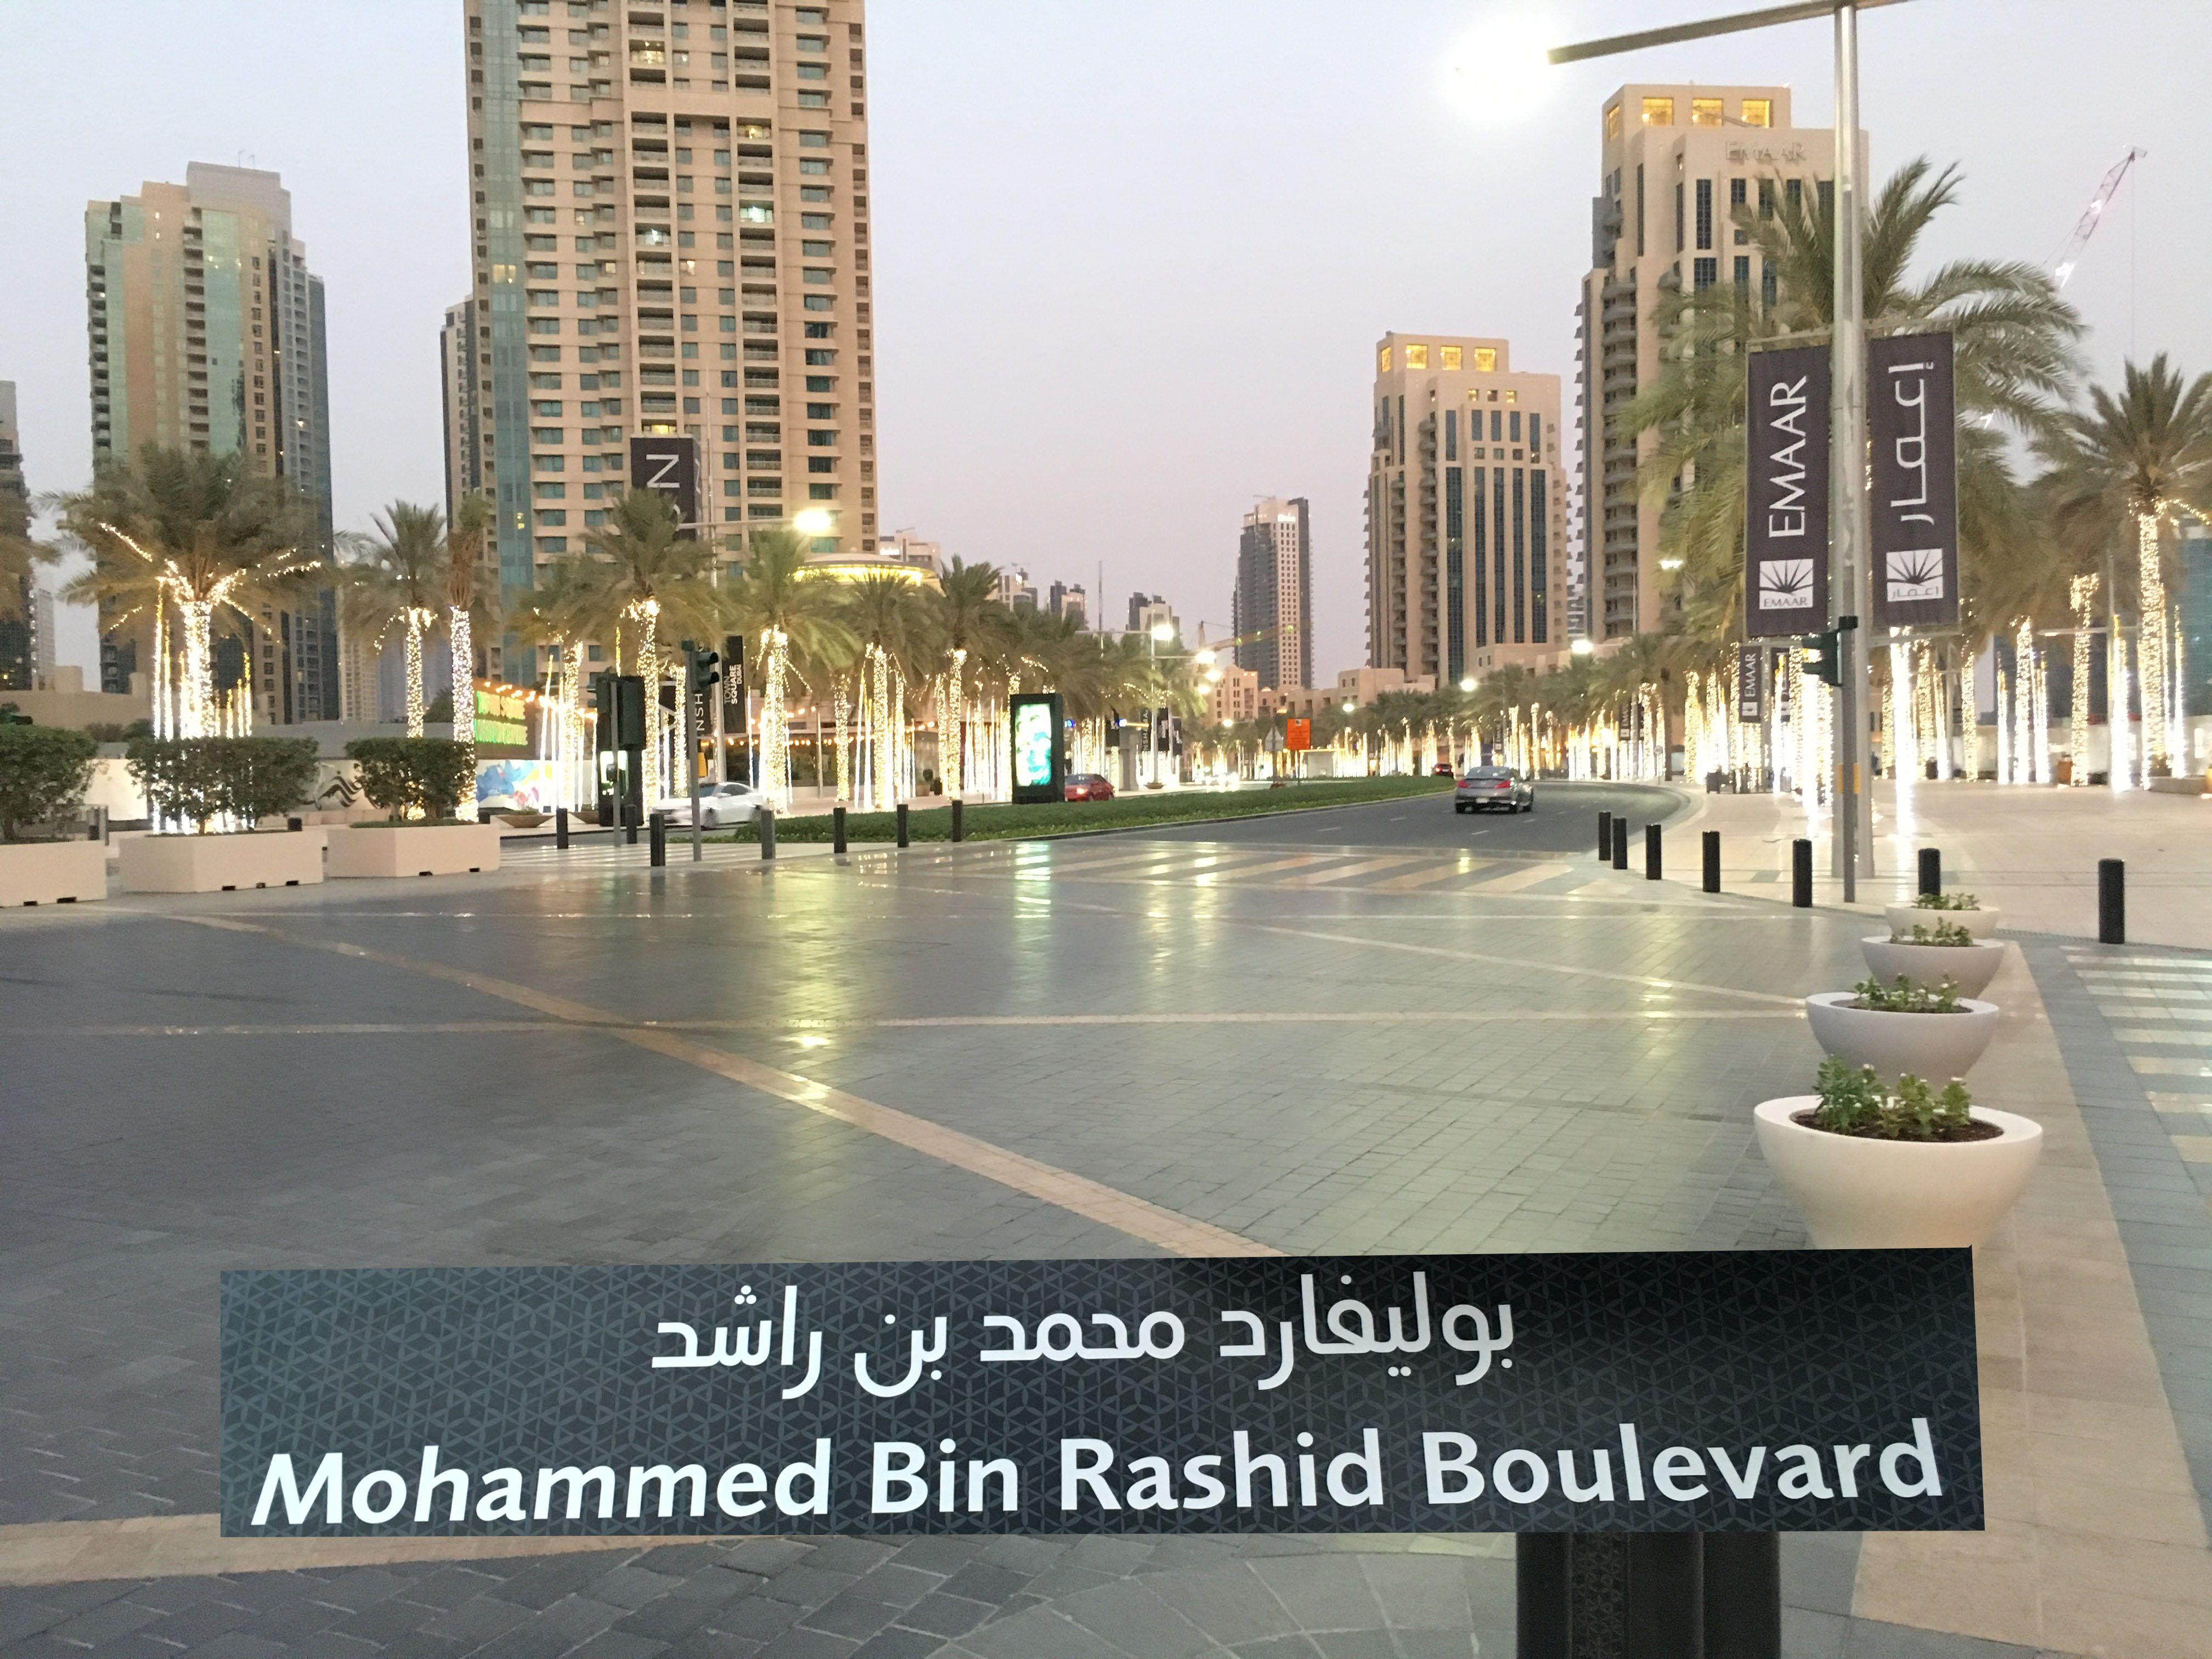 Shikh M  Bin Rashid Blvd